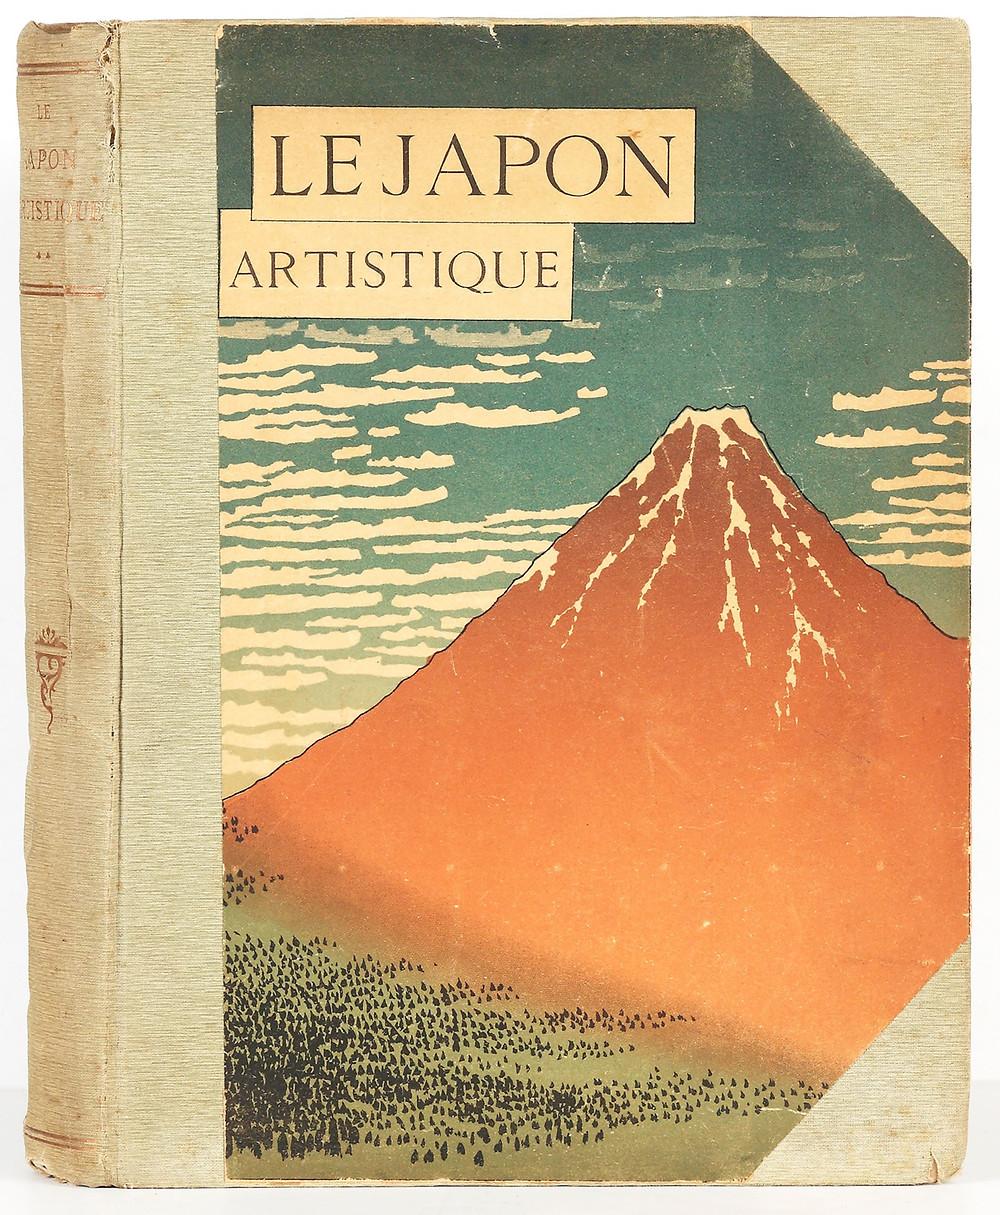 Siegfried Bing (1838–1905). Le Japon artistique: Documents d'art et d'industrie. Premier [–troisième] volume. Paris: Librairie Centrale des Beaux-Arts, 1888–1891.